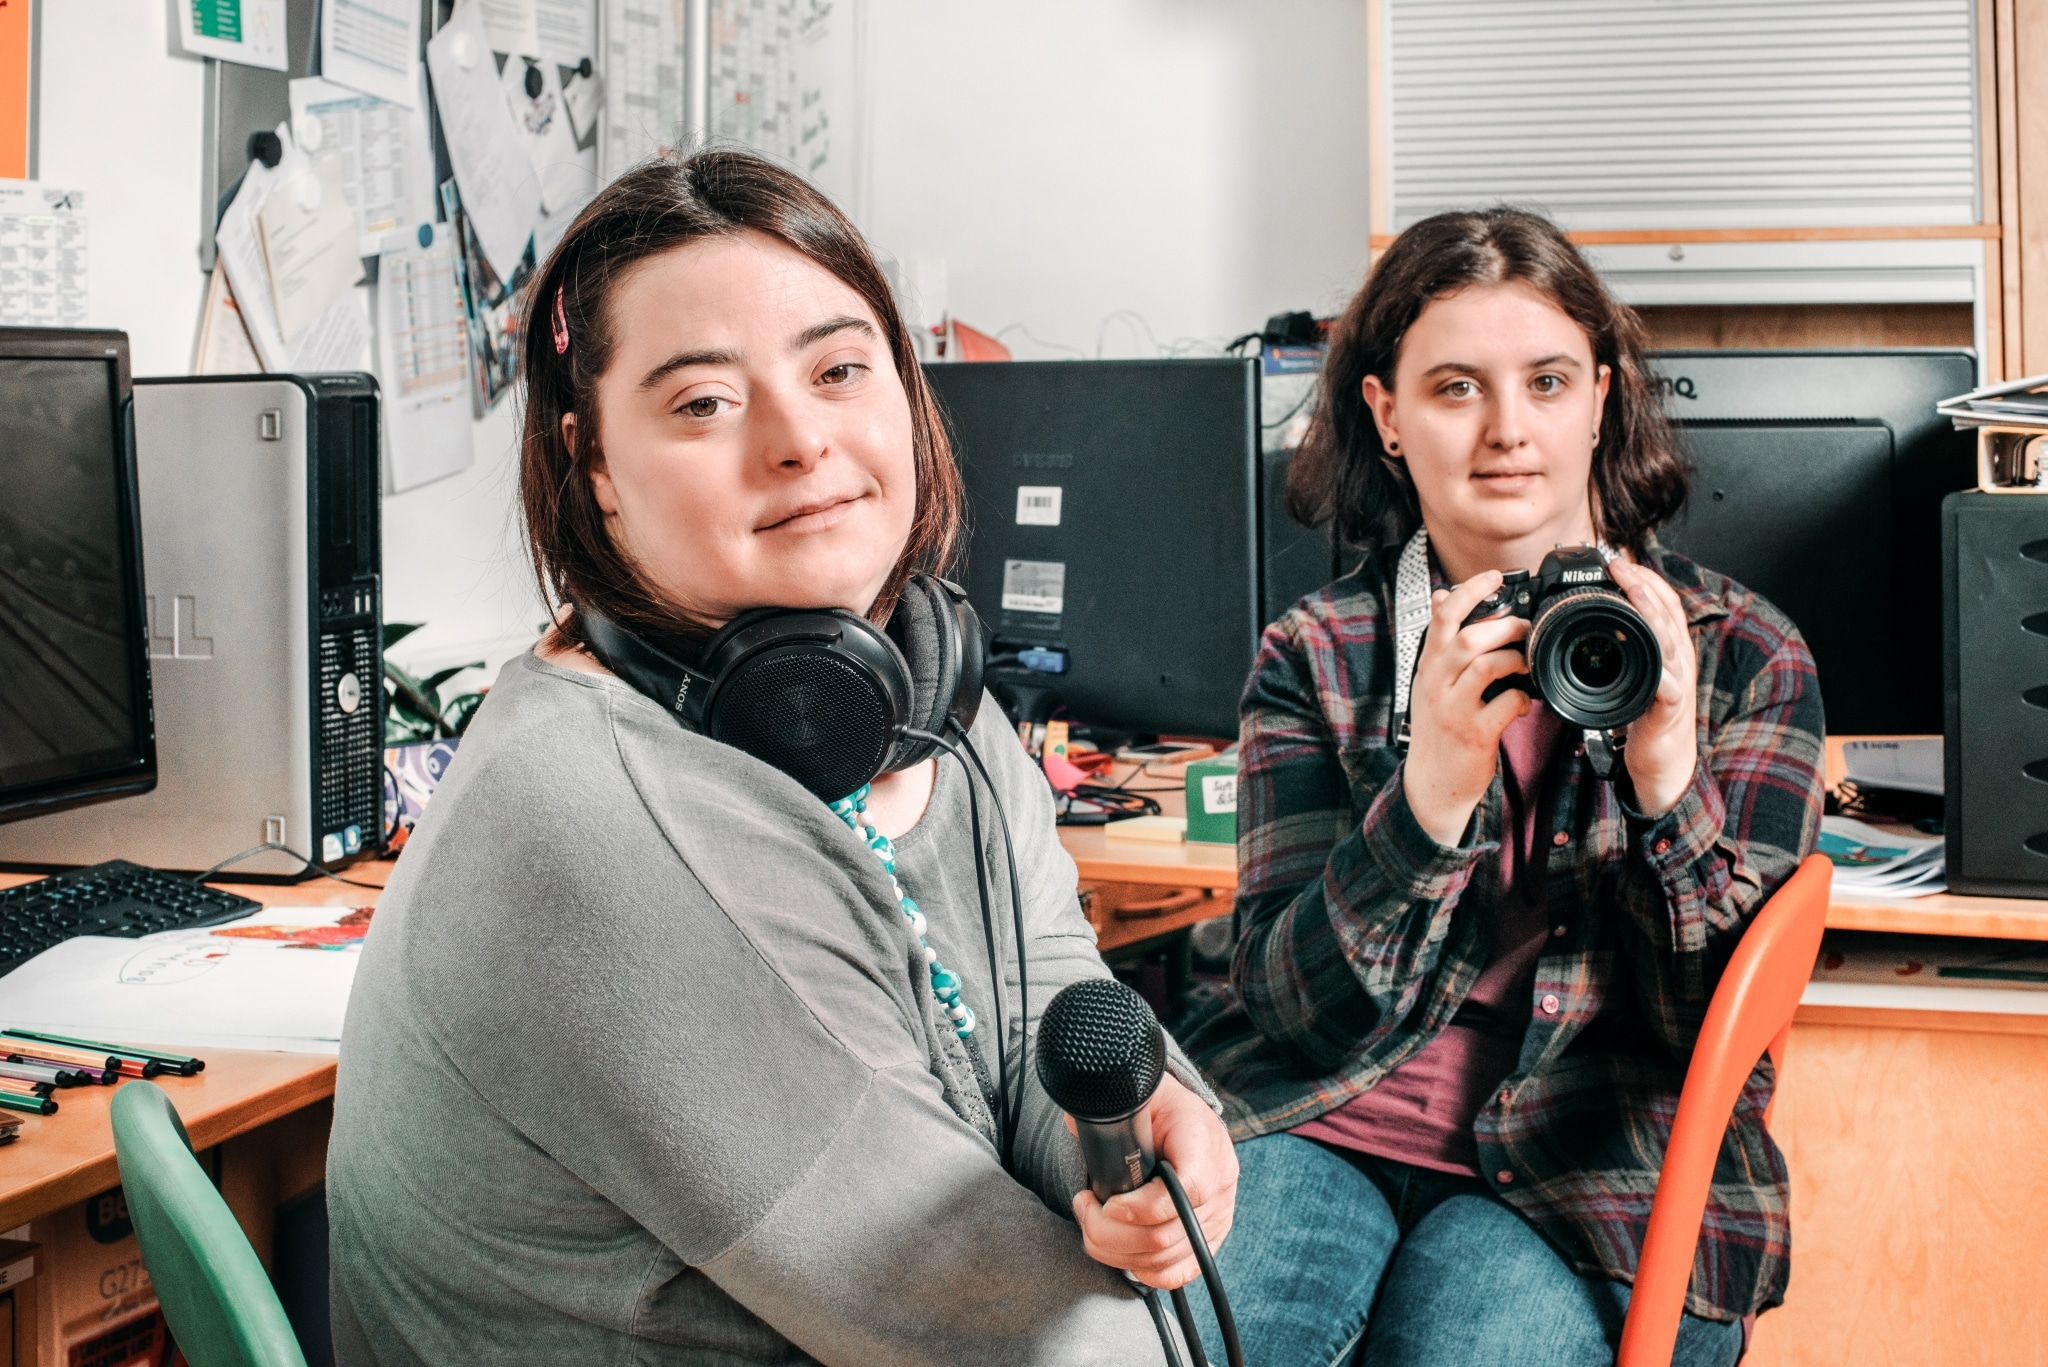 Mitarbeiterinnen bei ihrer Arbeit im Medienbüro